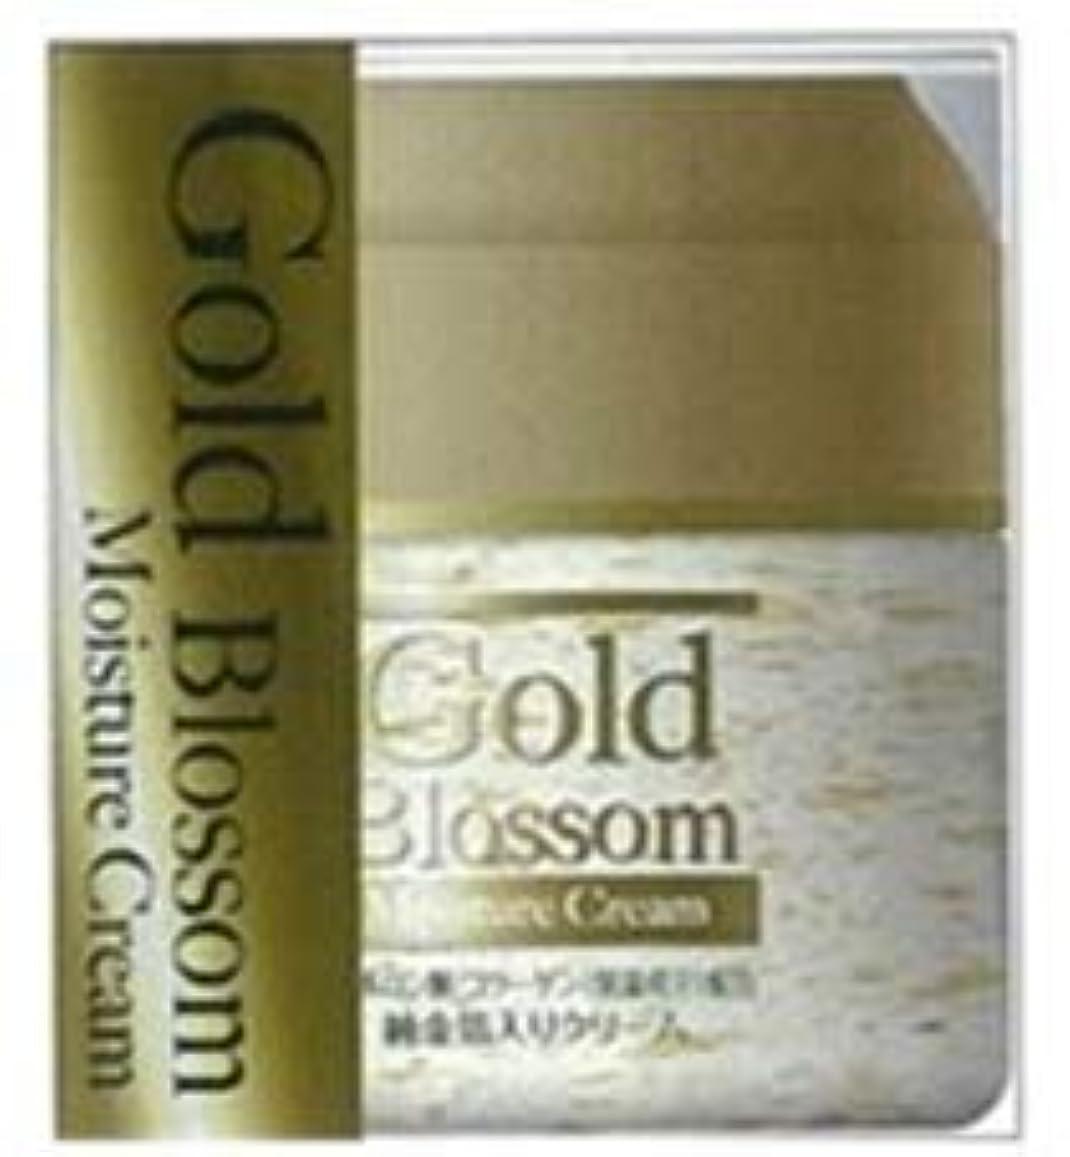 拡張手荷物以降Gold Blossom 保湿クリーム